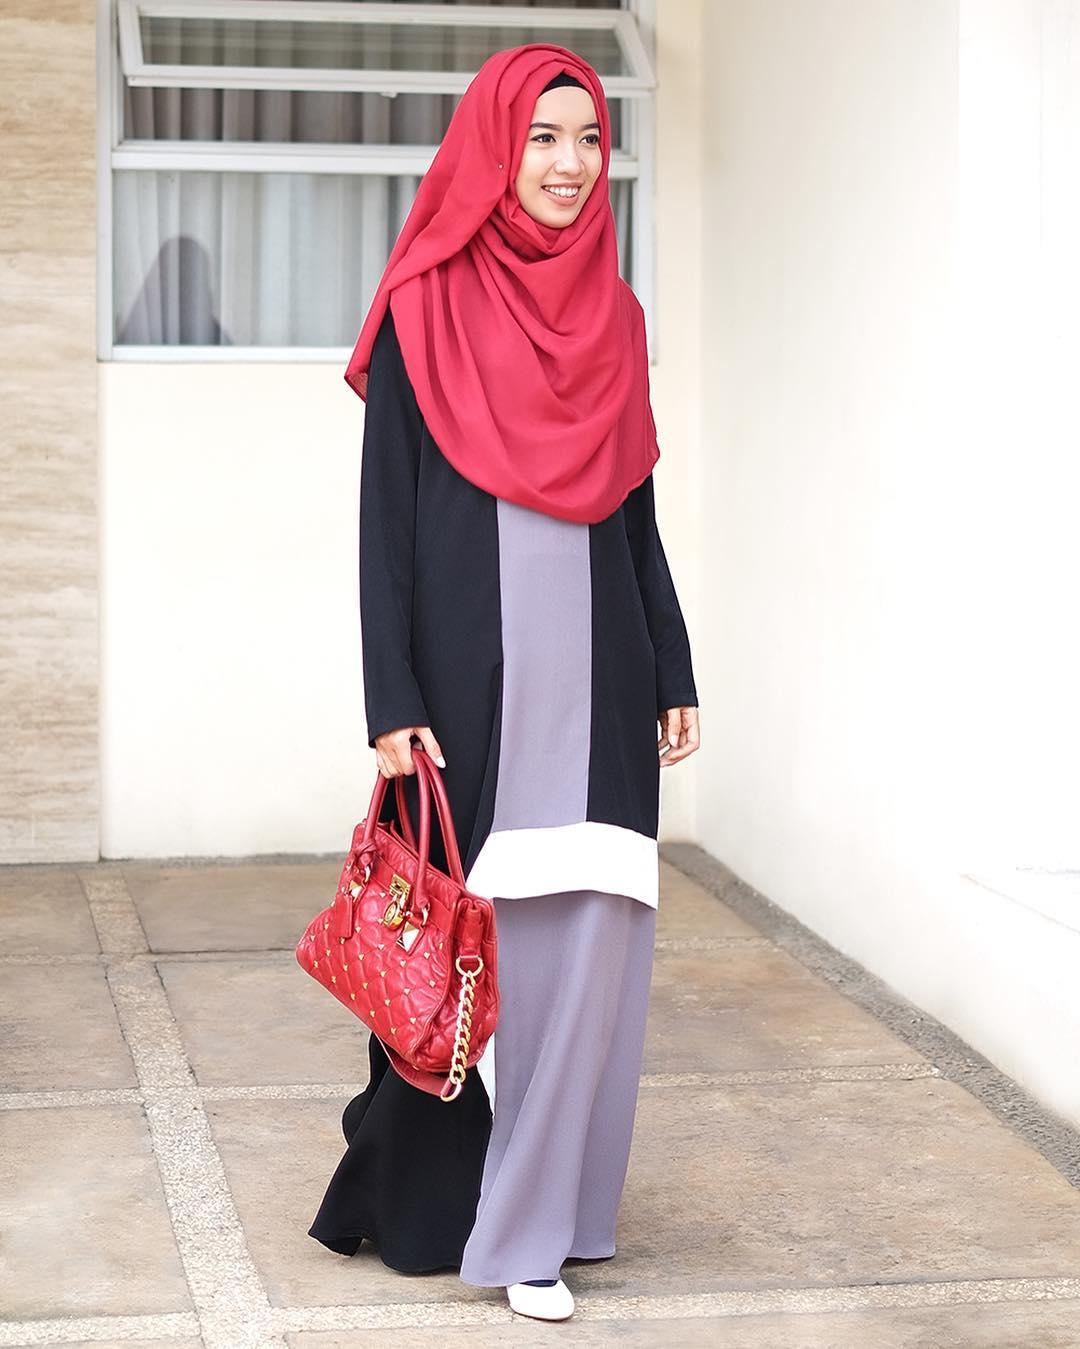 20 Model Hijab Terbaru 2016 Jilbab Instan